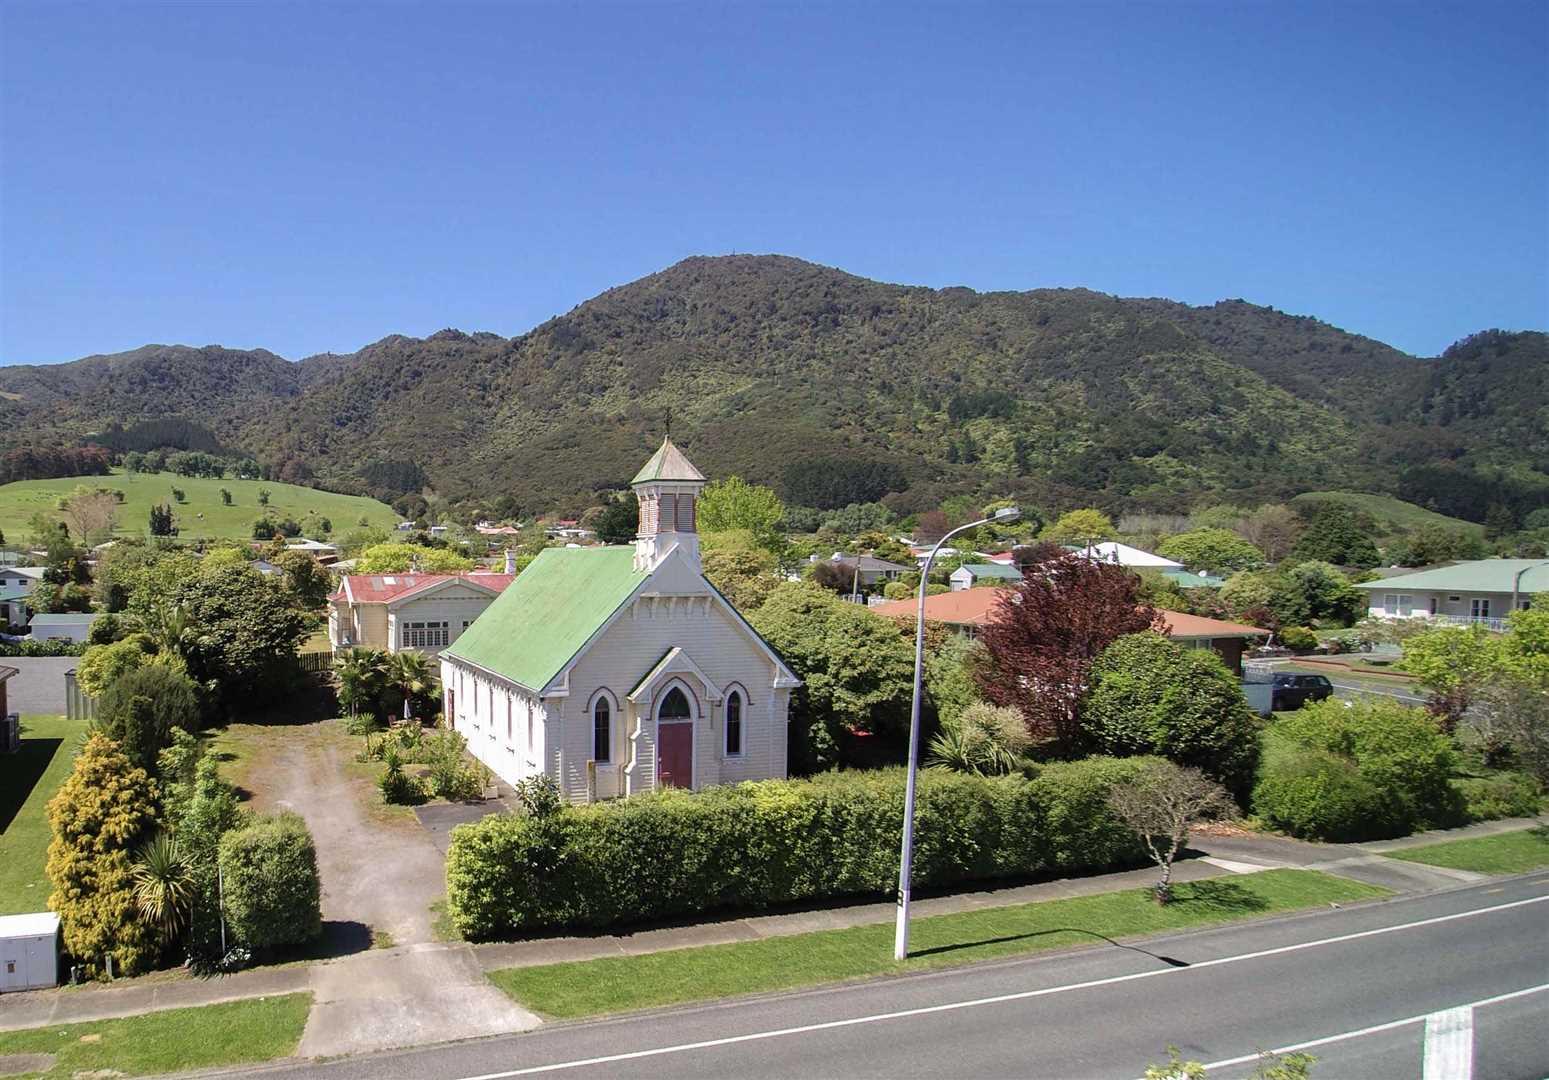 Centennial Character Church